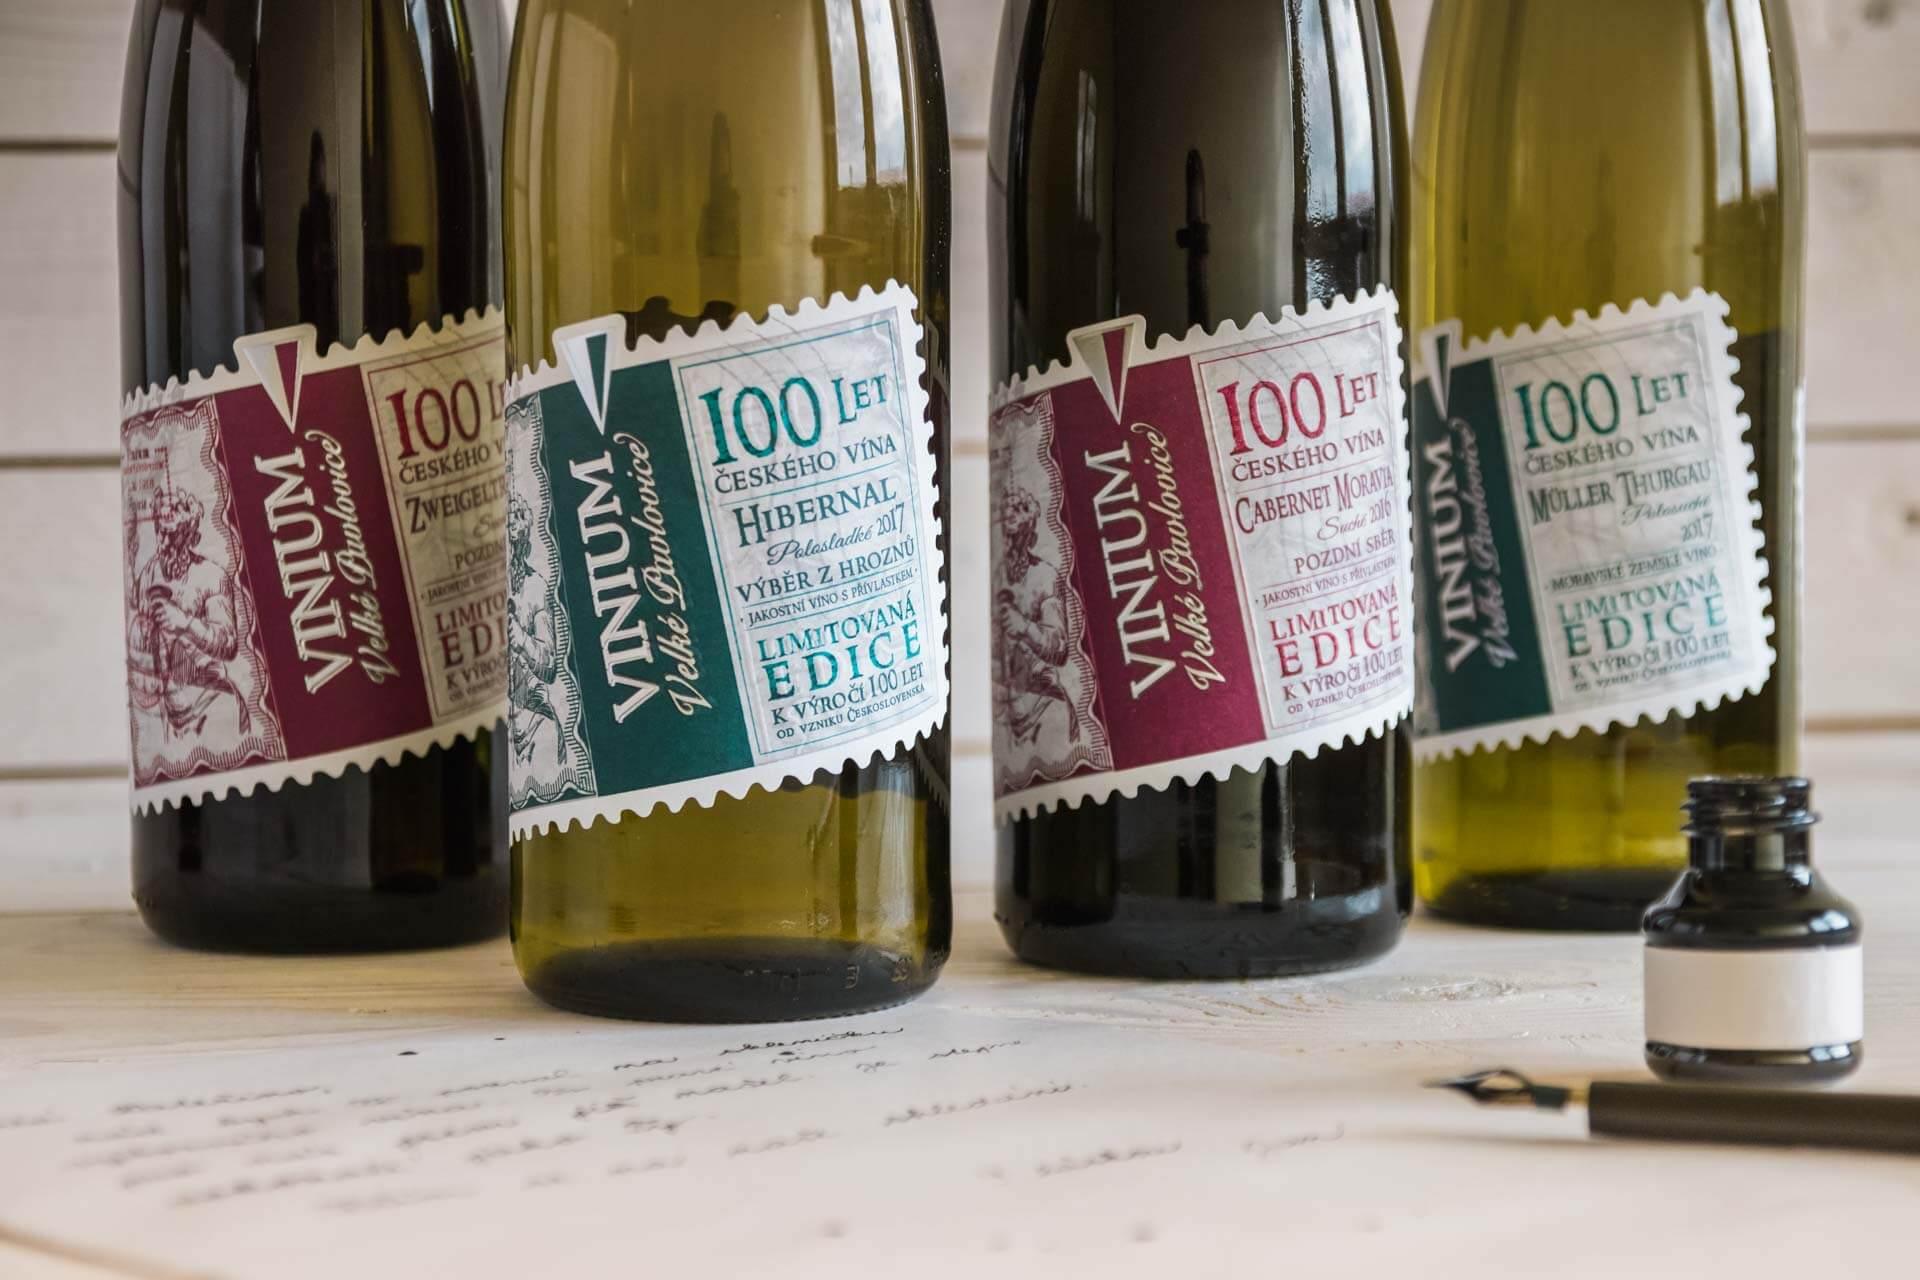 Foto ke článku 1, přívlastkové víno, VINIUM, bílé víné, červené víno